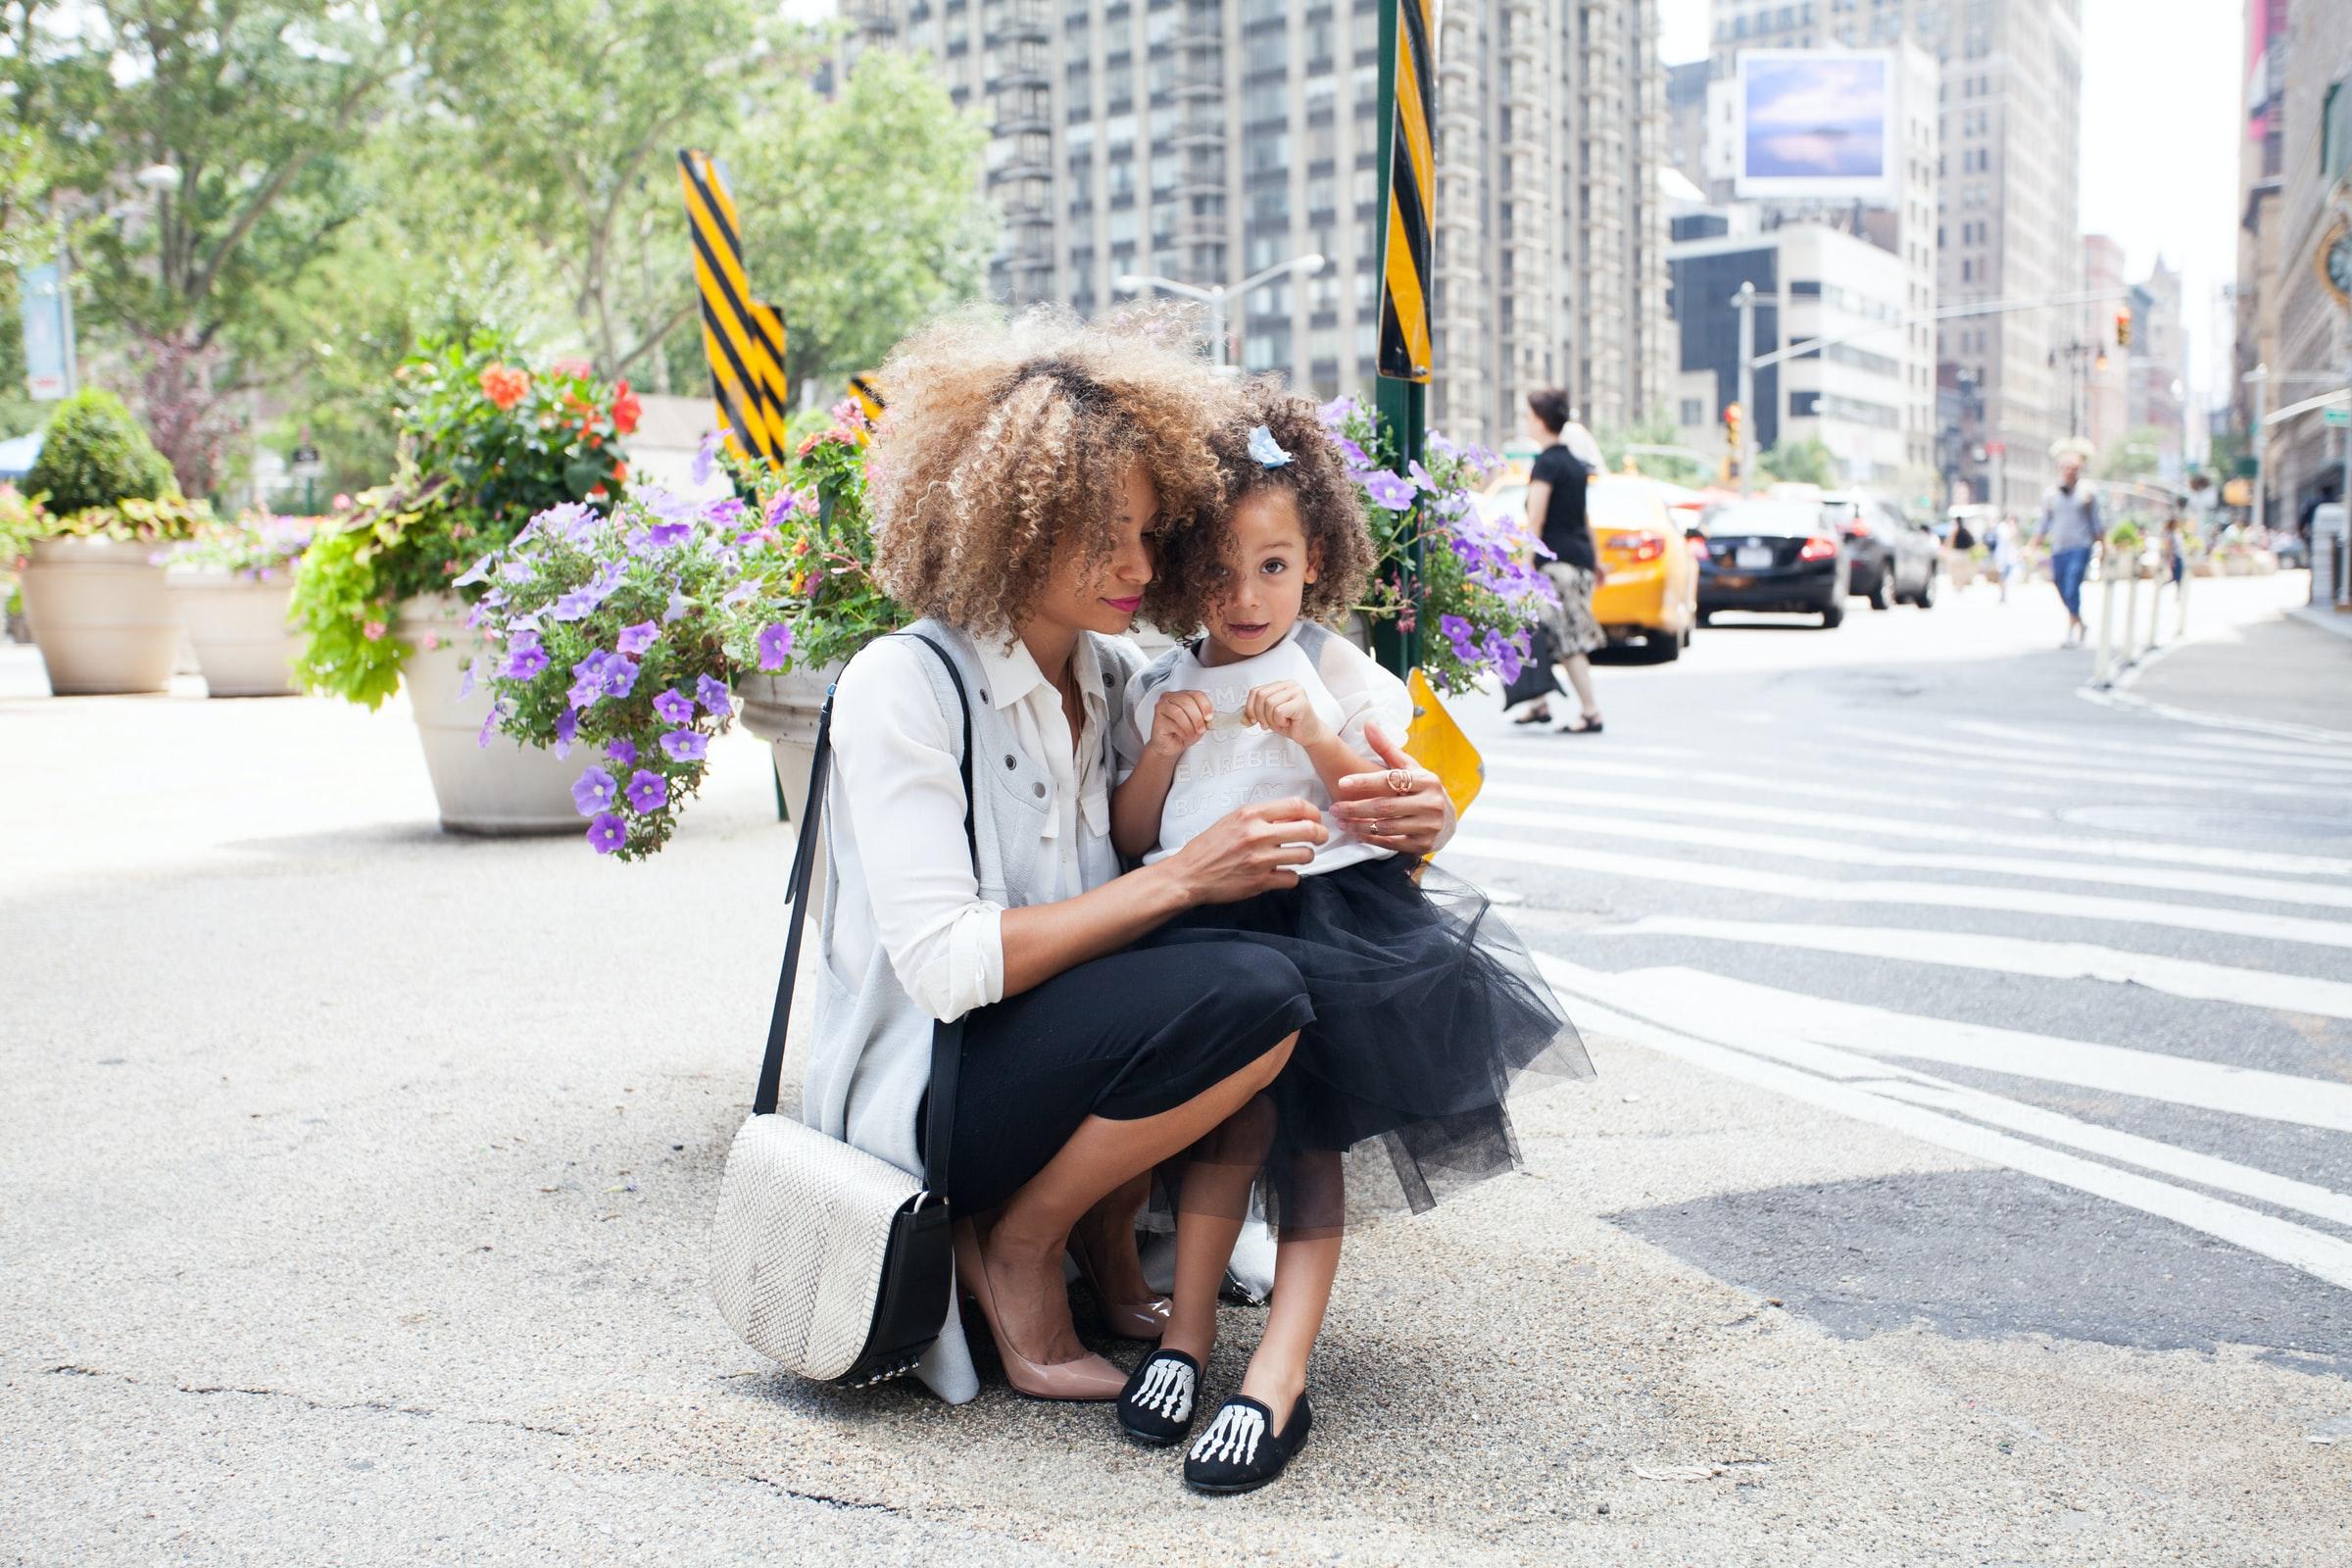 мама руководствуется благими намерениями, критика от родителей